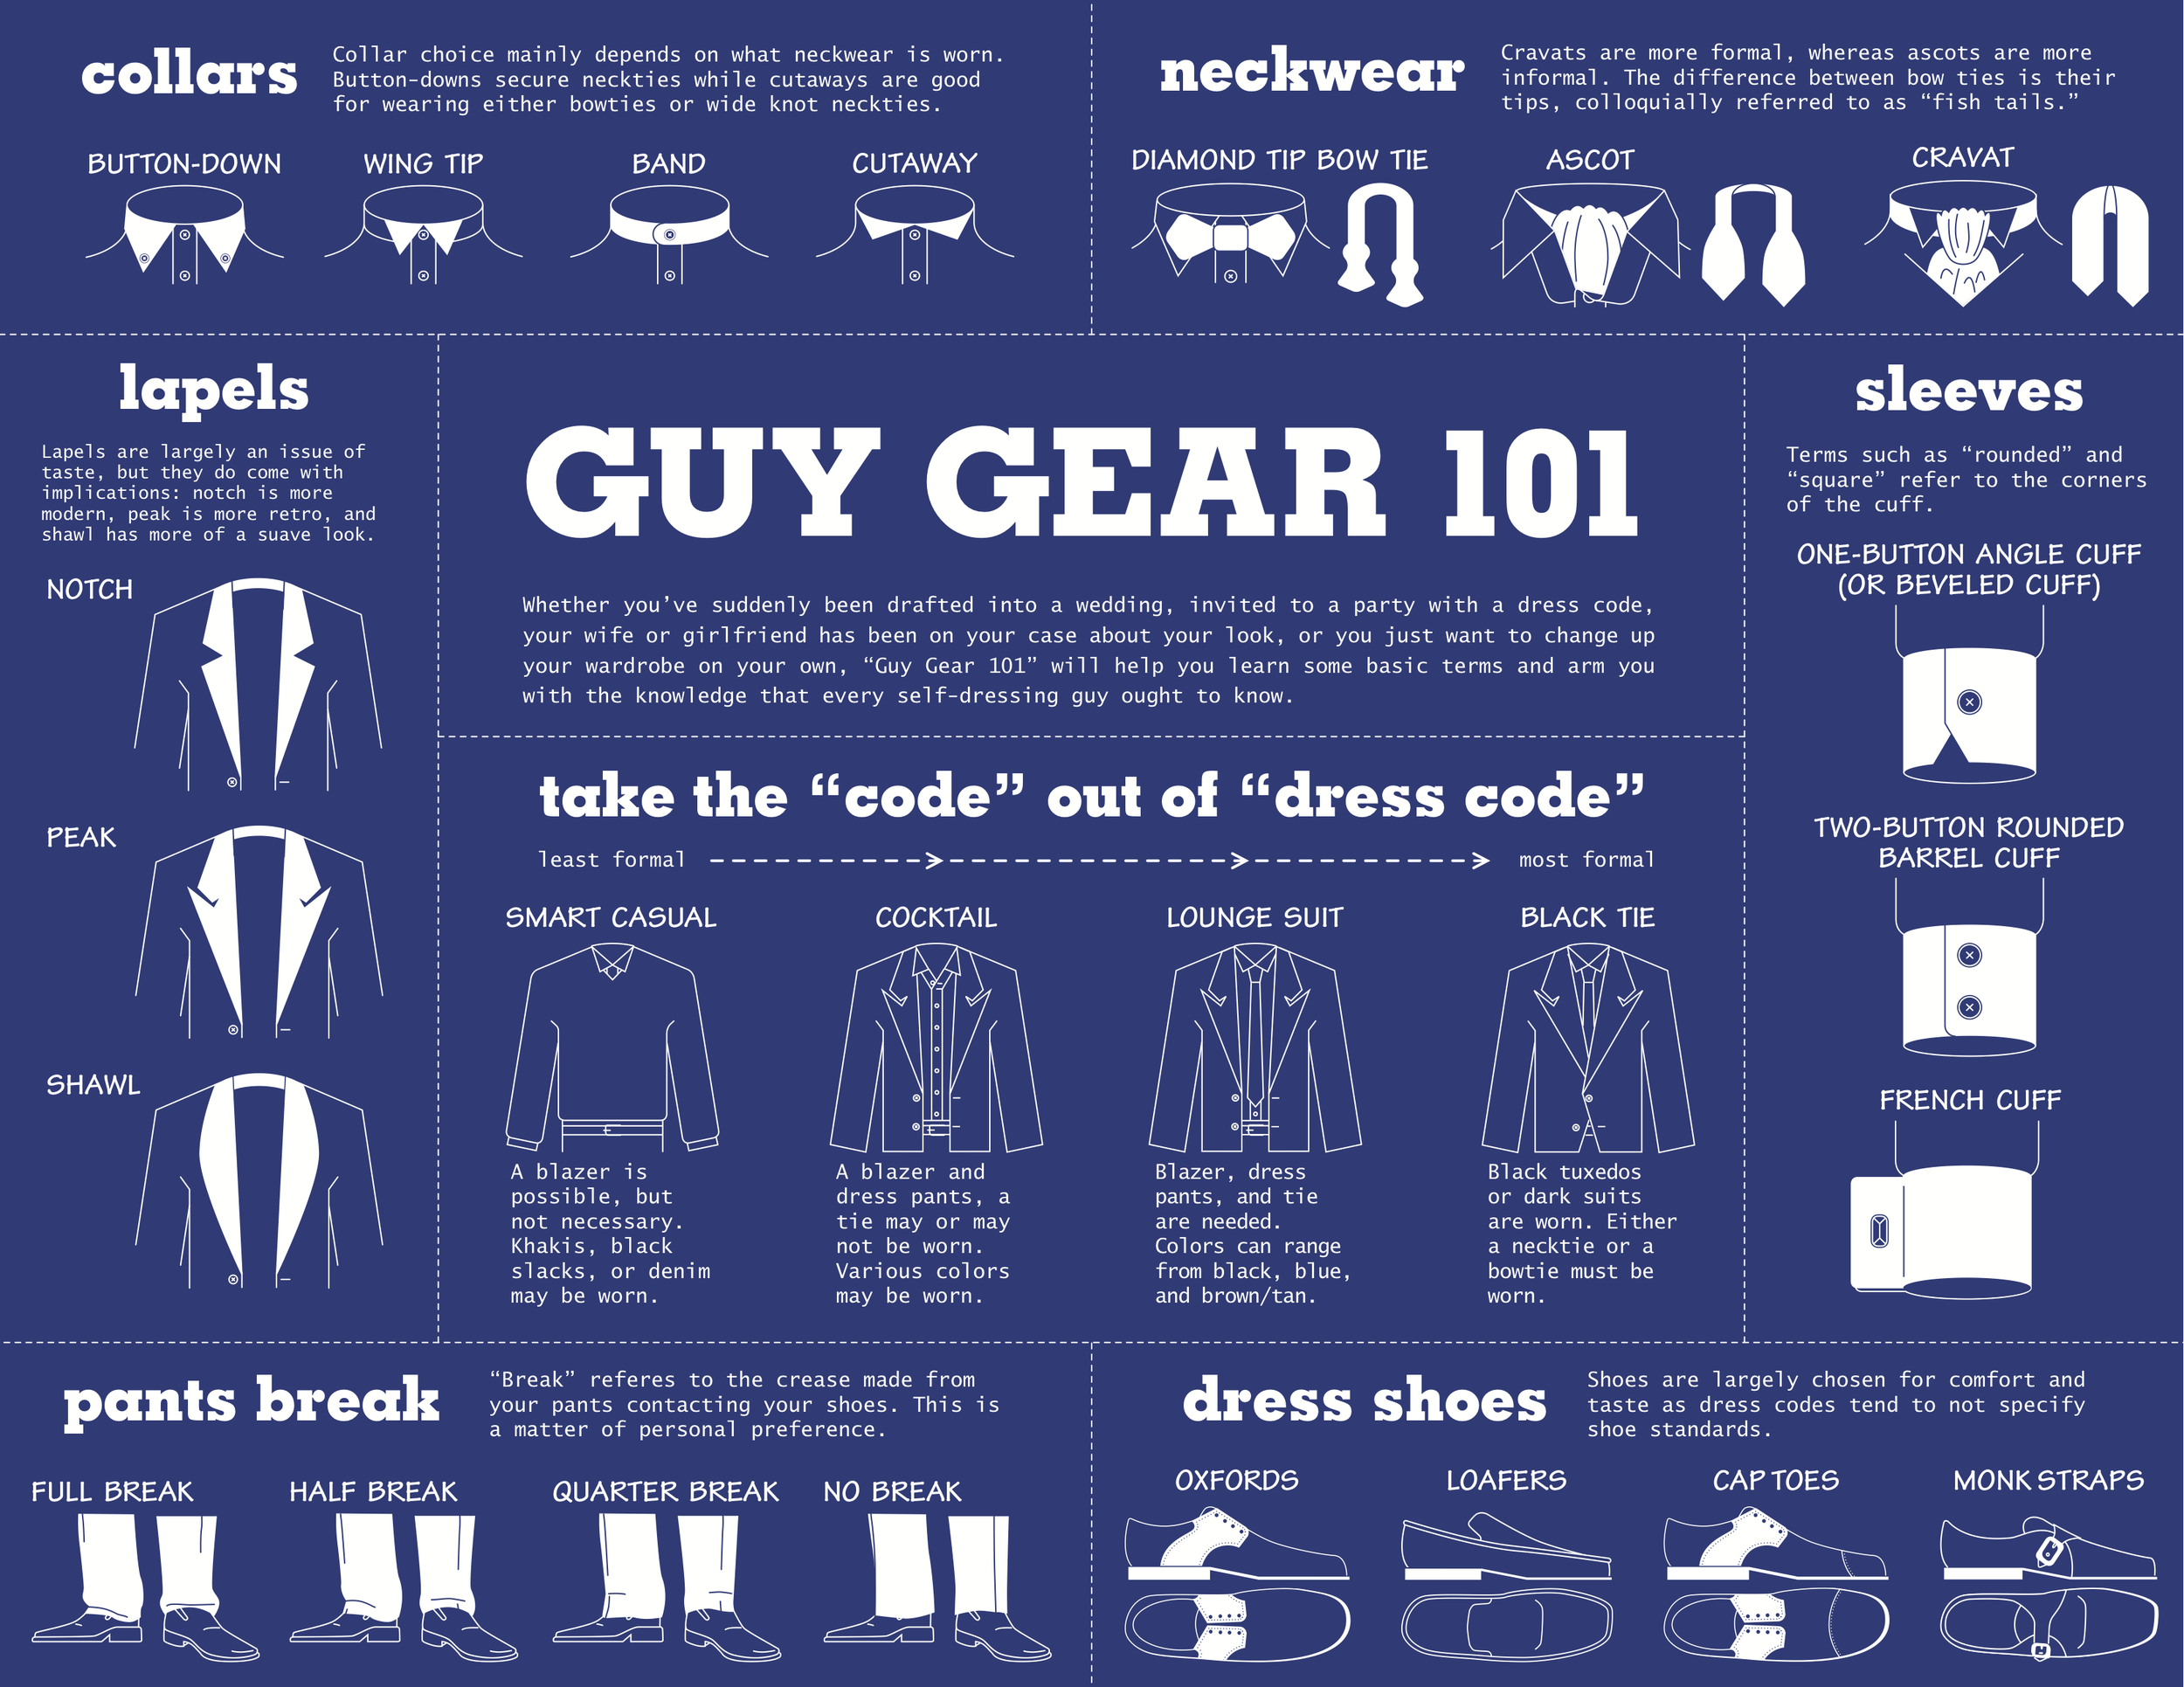 Guy Gear 101